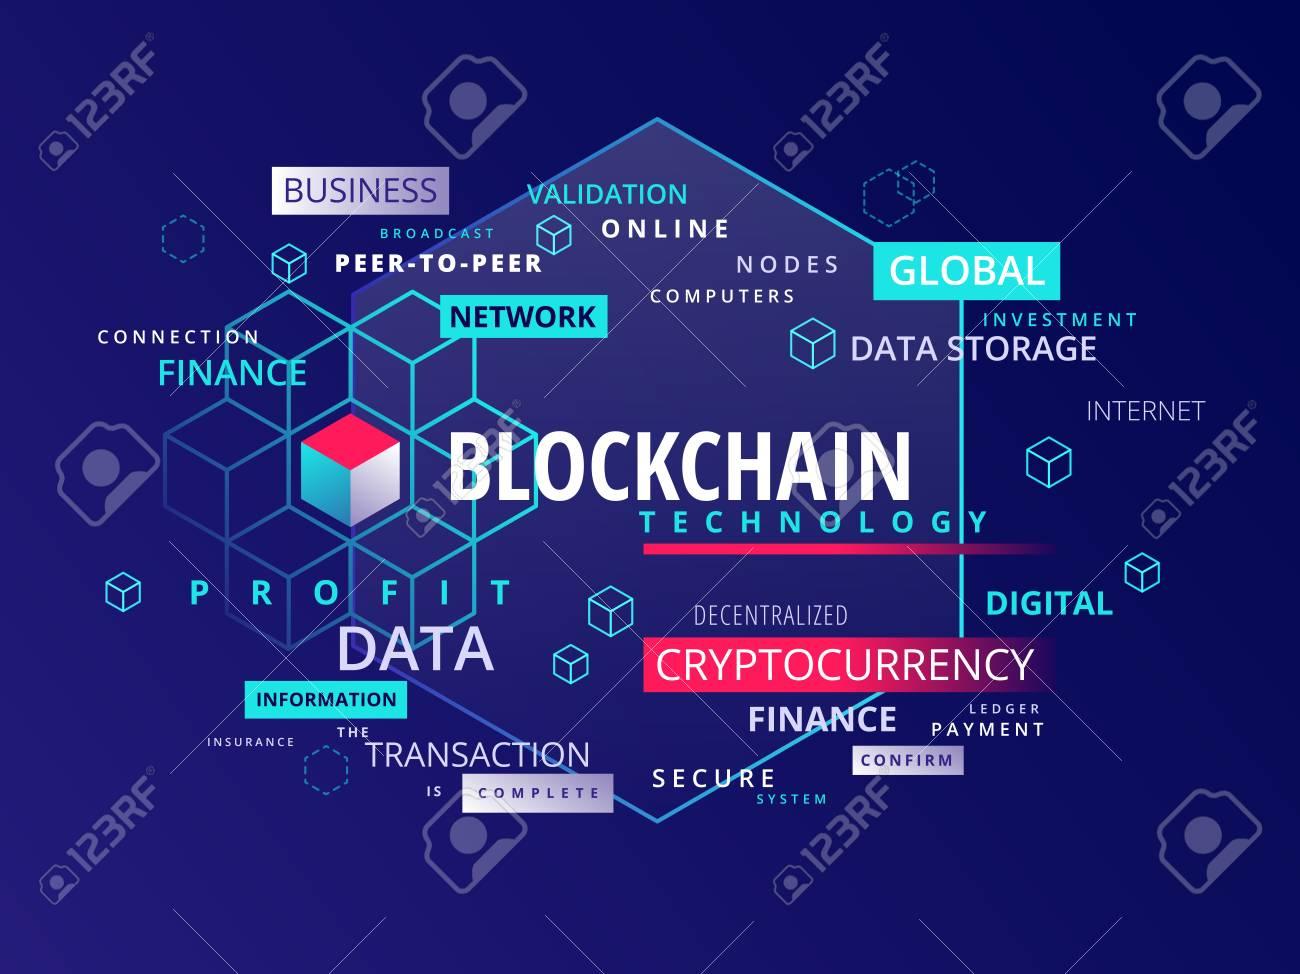 Chia Sẻ Khóa Học Full-Stack Xây Dựng Blockchain Và Tiền Điện Tử Với